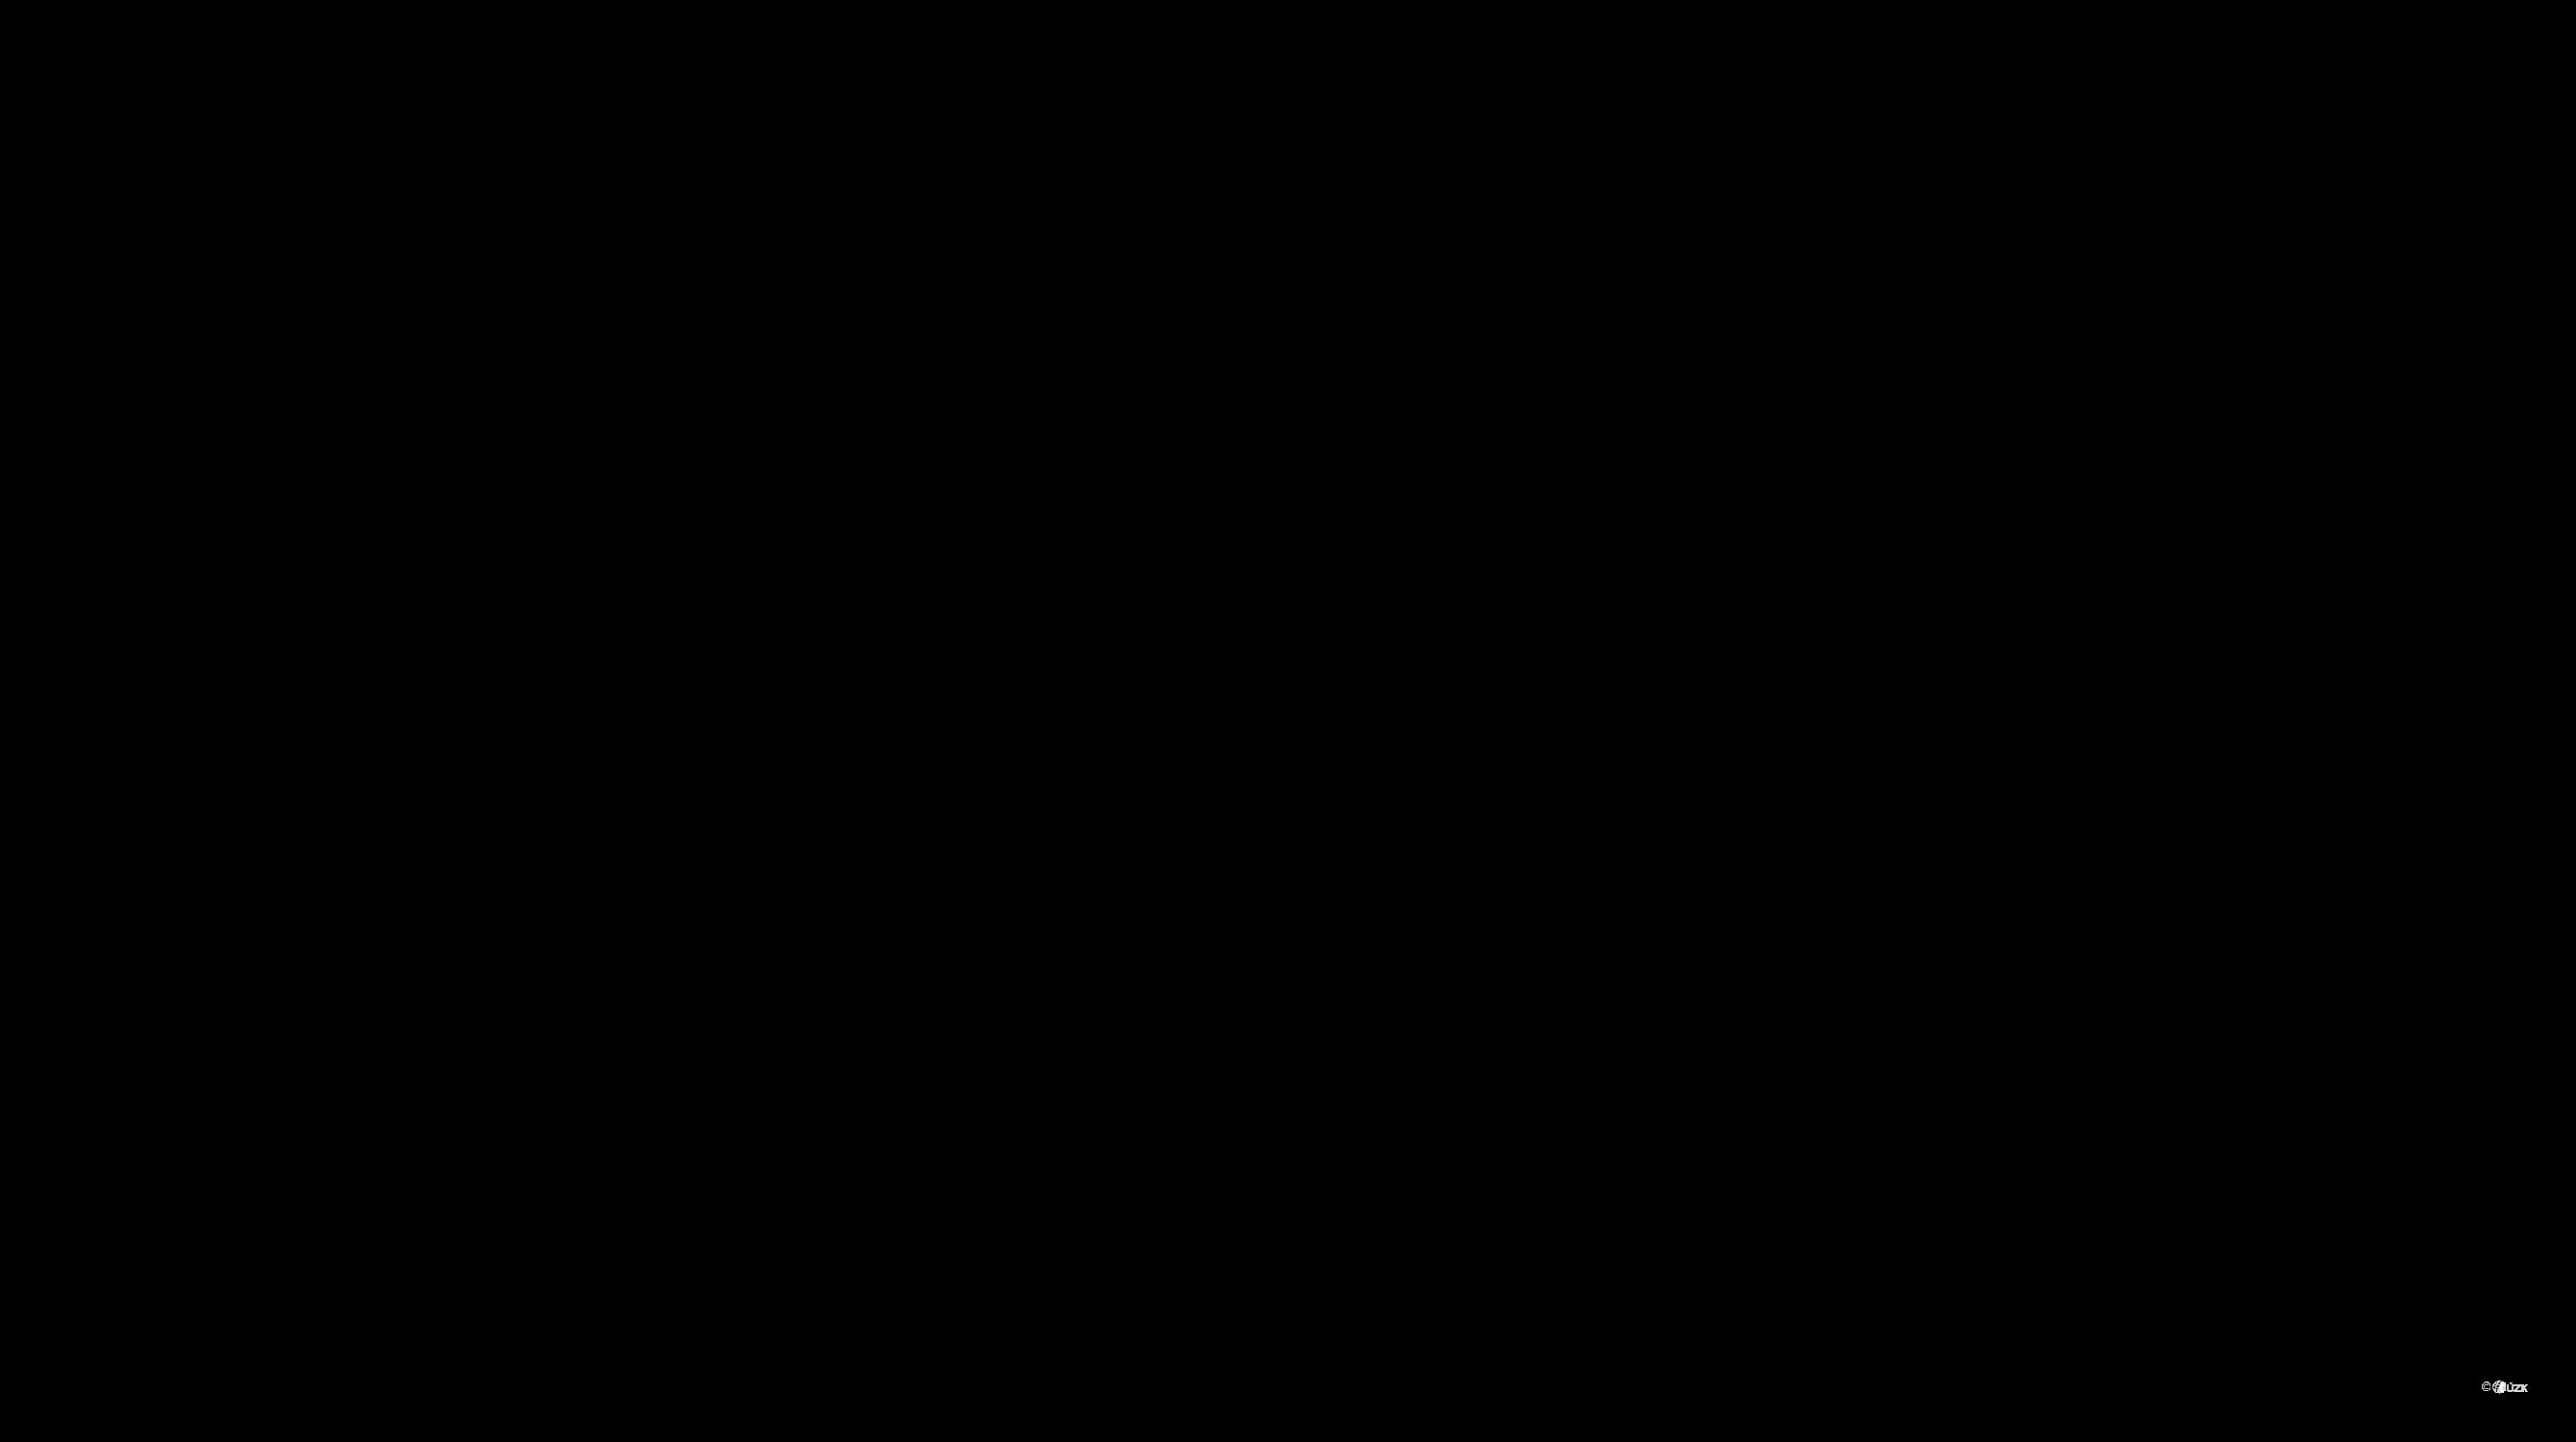 Katastrální mapa pozemků a čísla parcel Doksy u Kladna